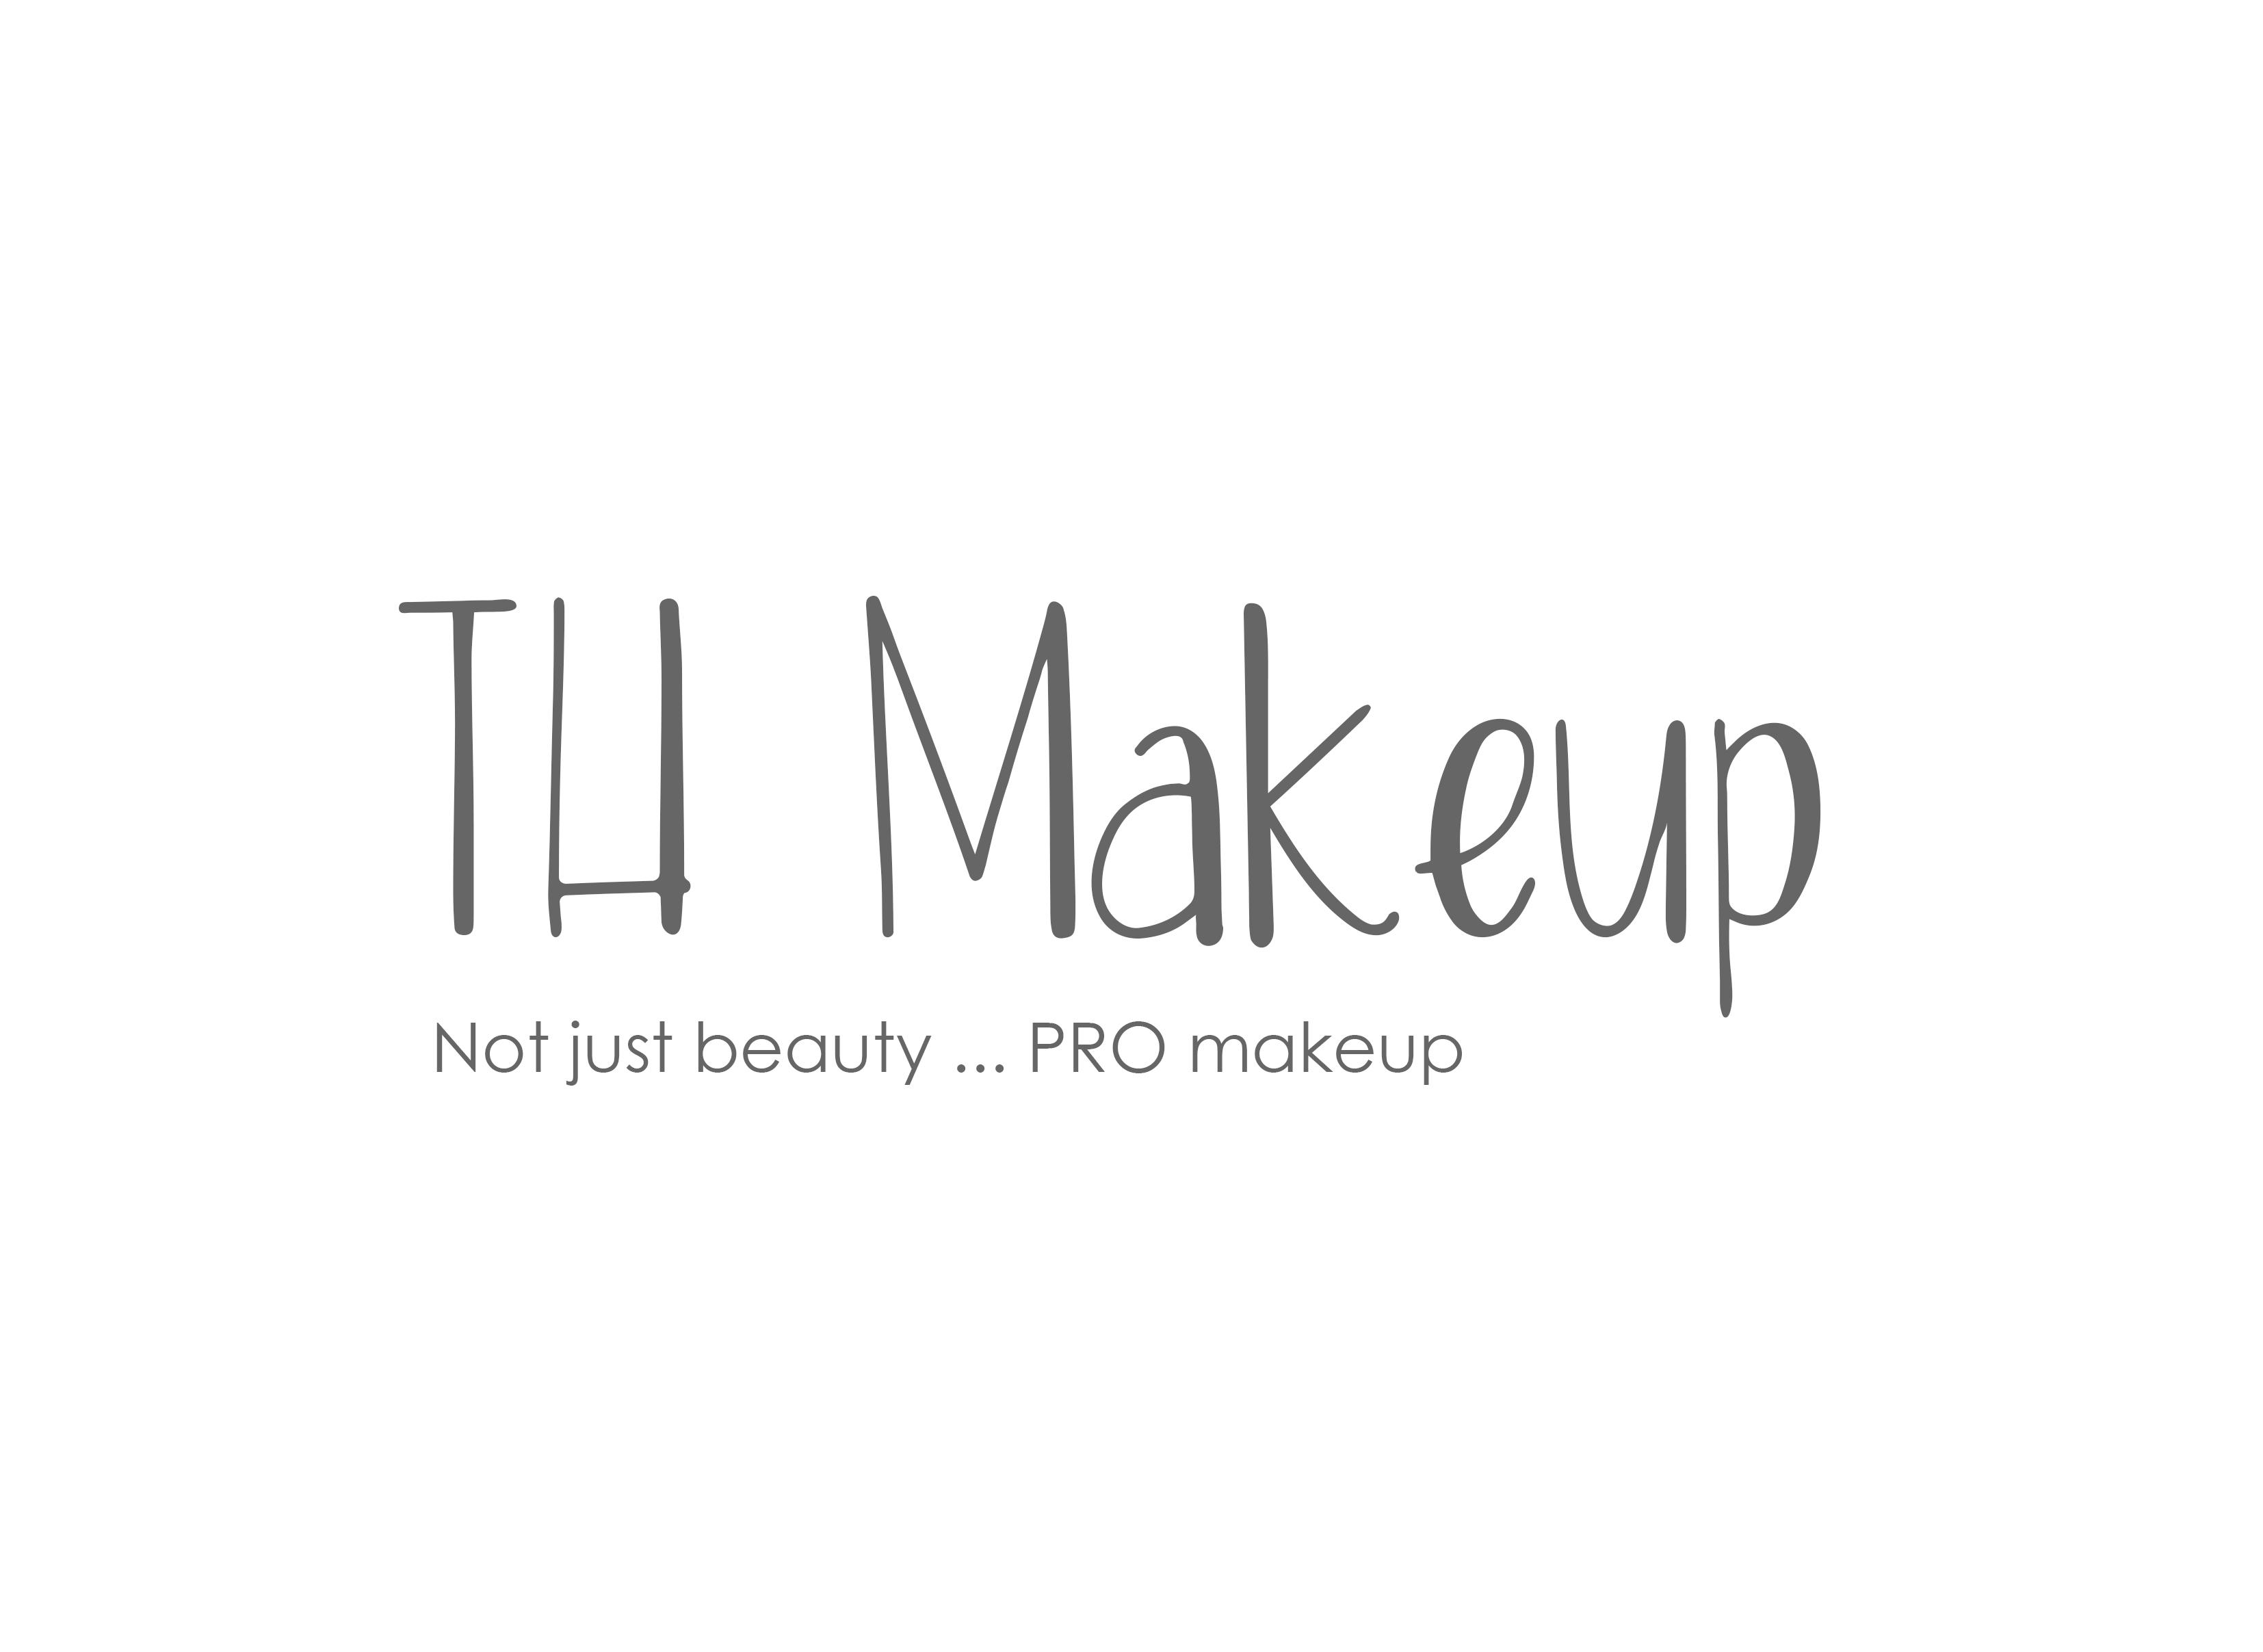 Fantasy F/X Makeup